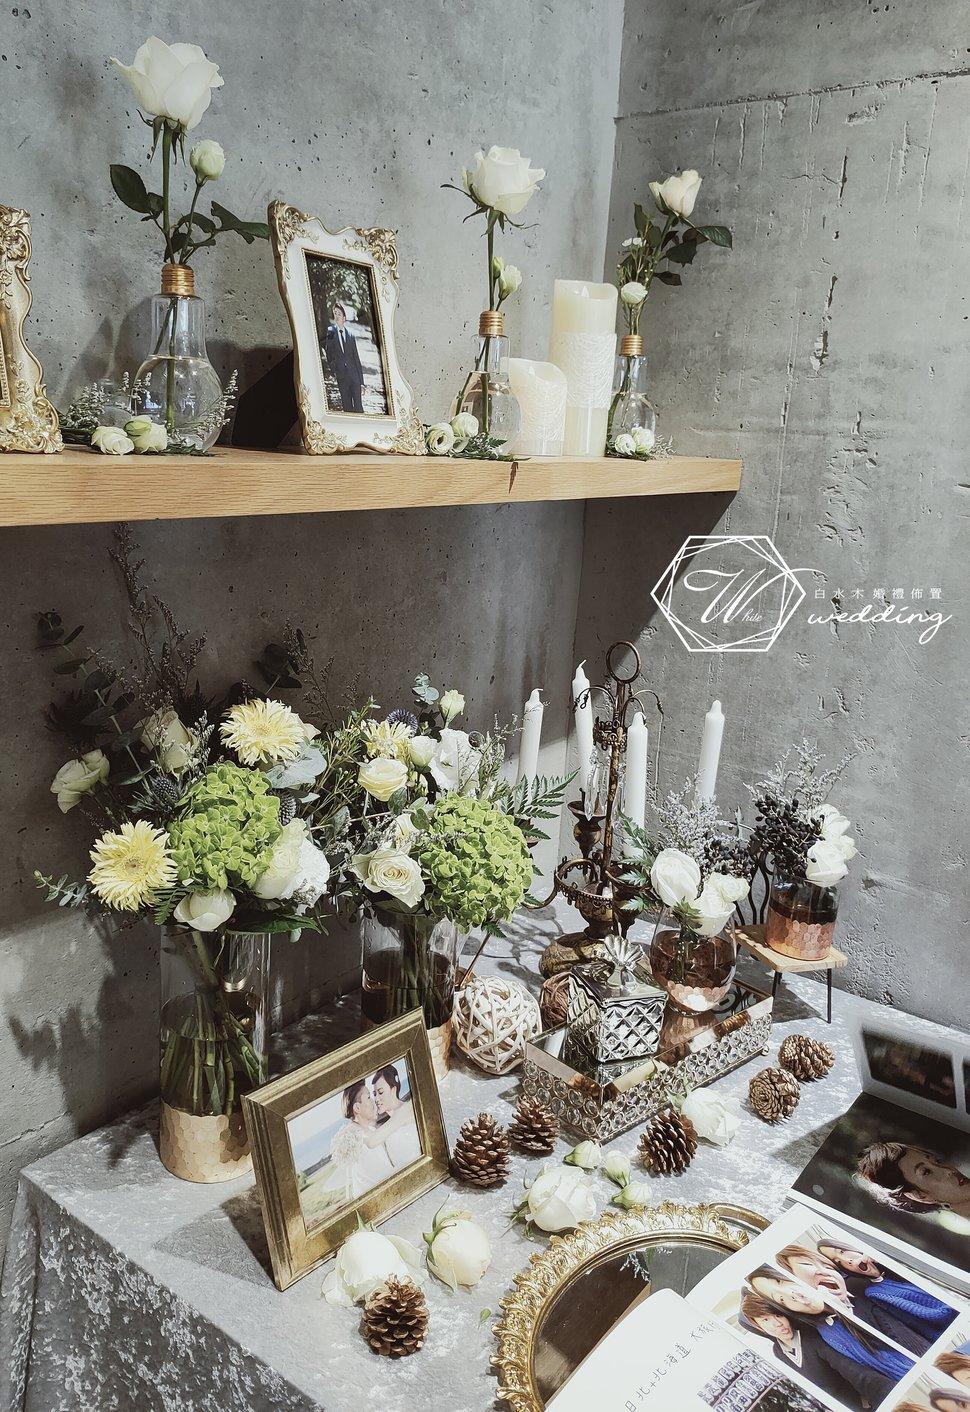 IMG20200222112704-2 - 白水木婚禮佈置《結婚吧》